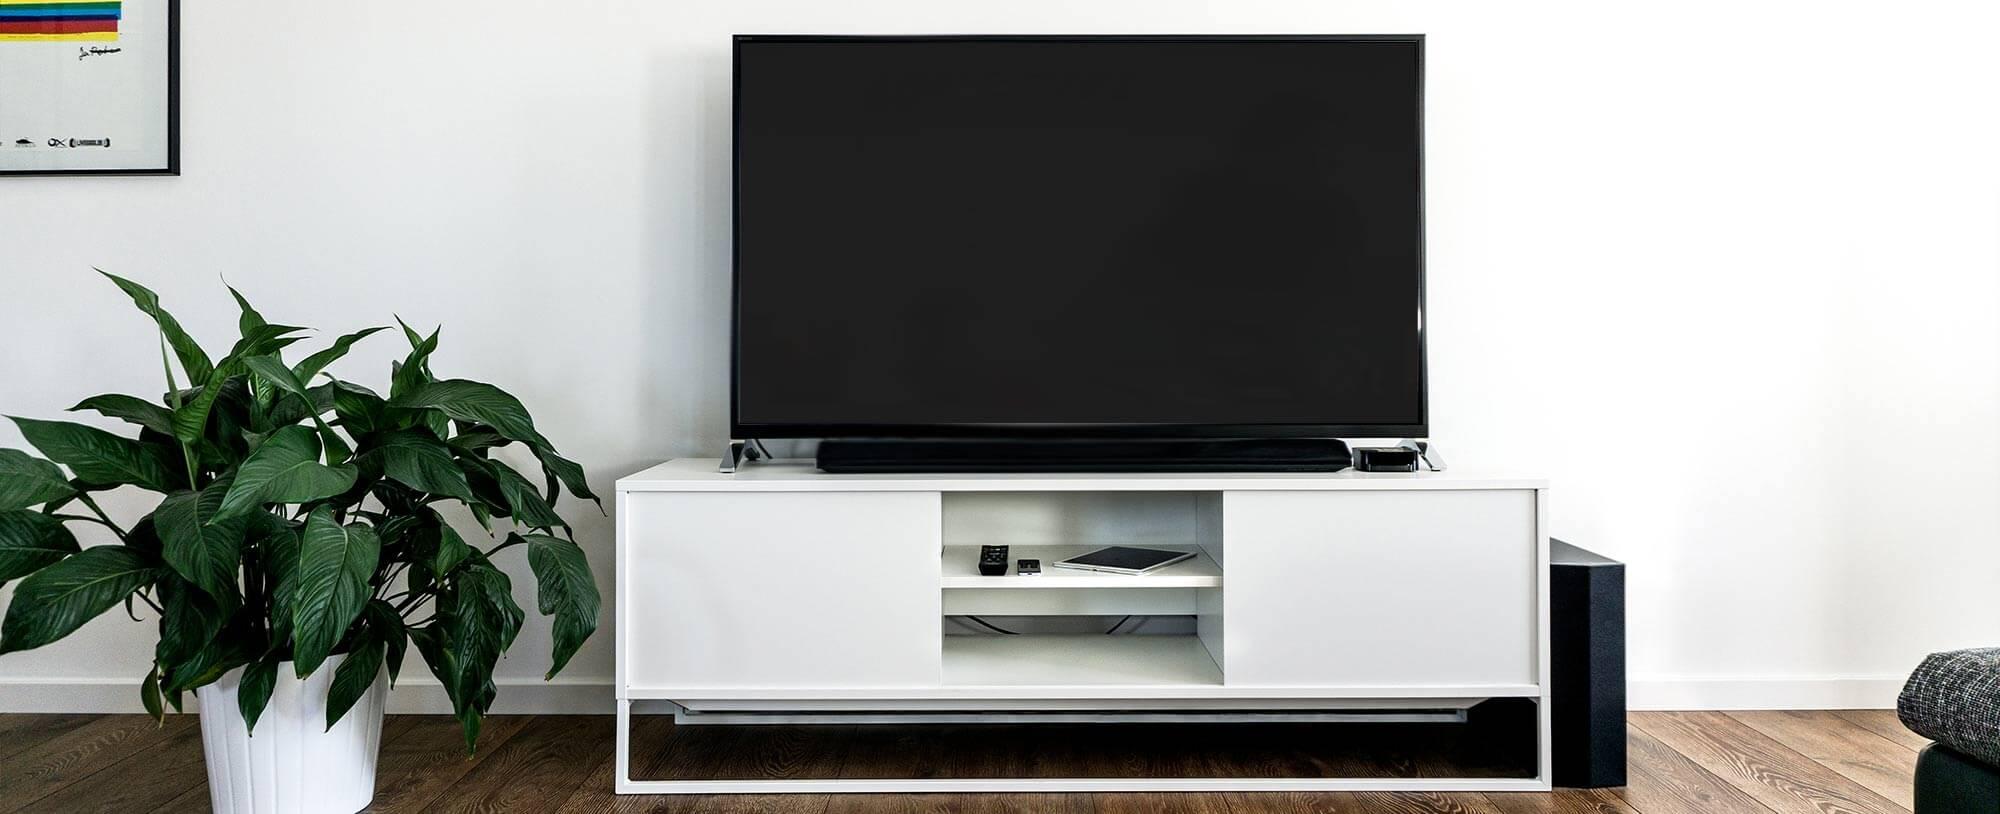 TV Reparatur Würzburg